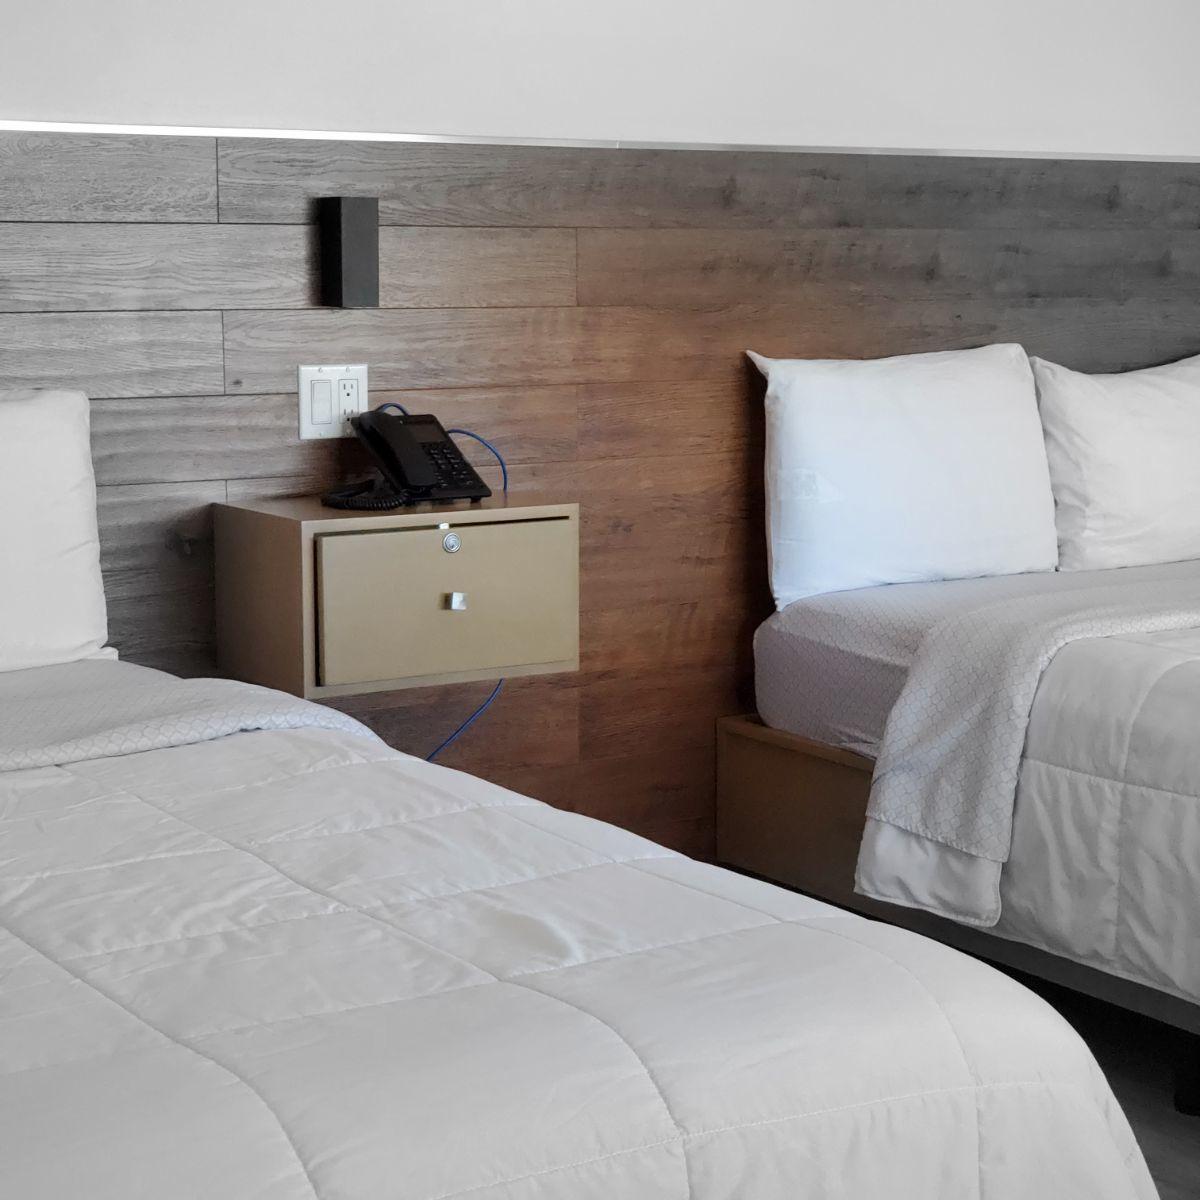 34 de 45: Hotel camas dobles